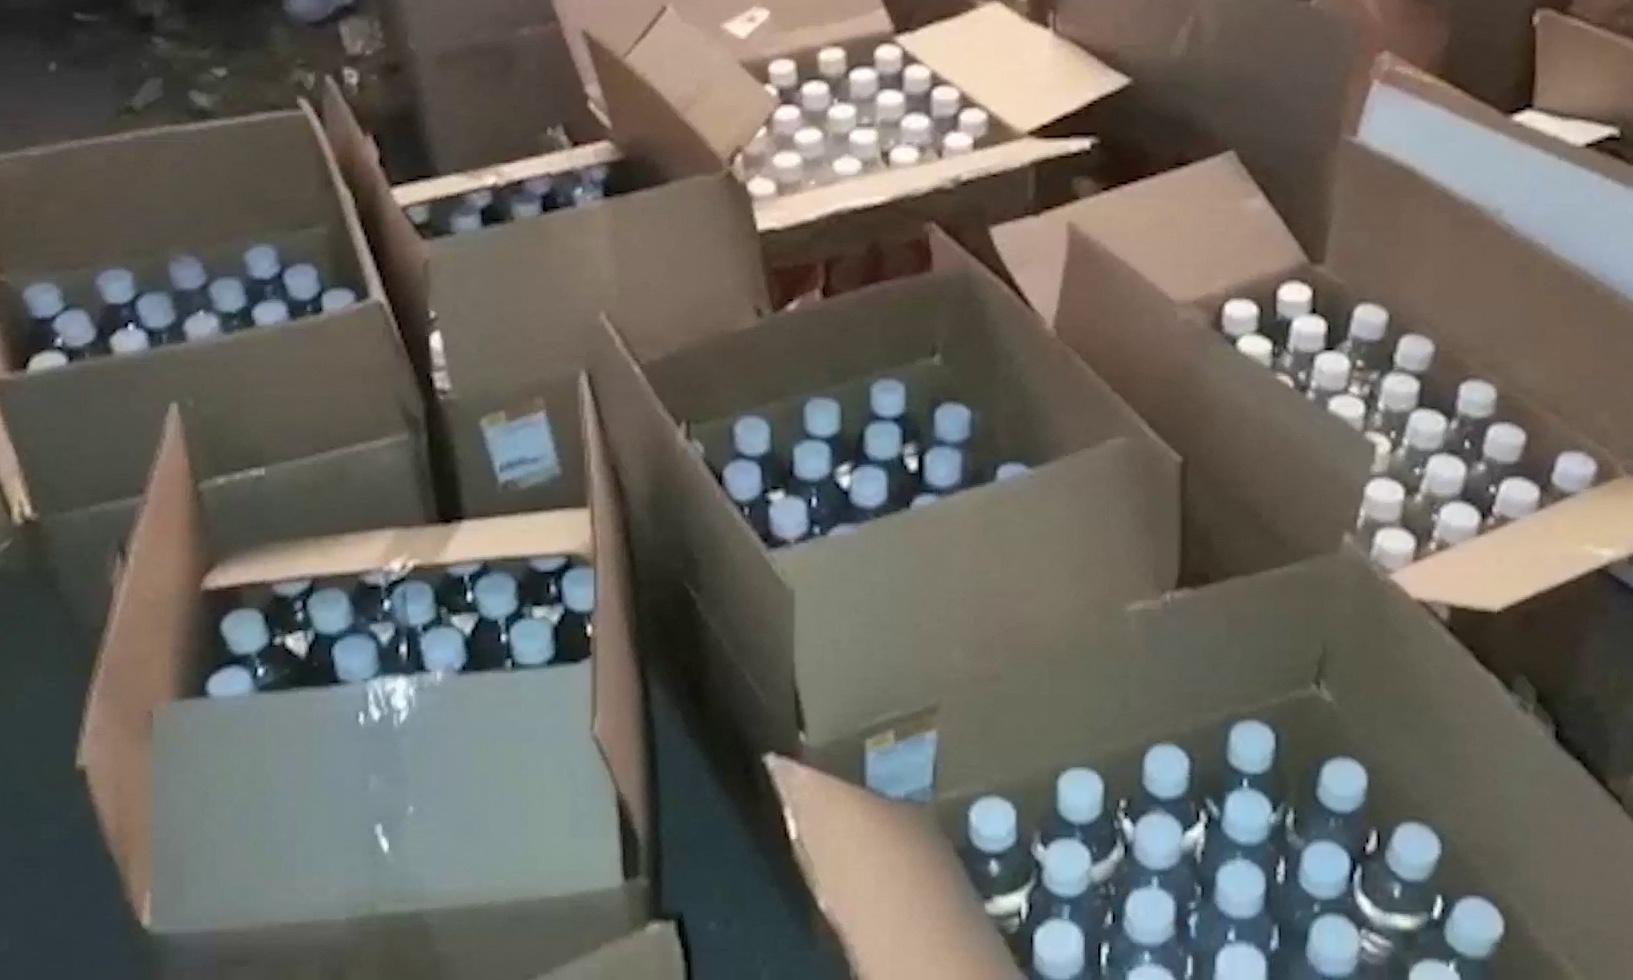 Số rượu bị giới chức thu giữ tại một nhà kho ở vùng Orenburg, Nga, hôm 8/10. Ảnh: Ủy ban Điều tra Nga.